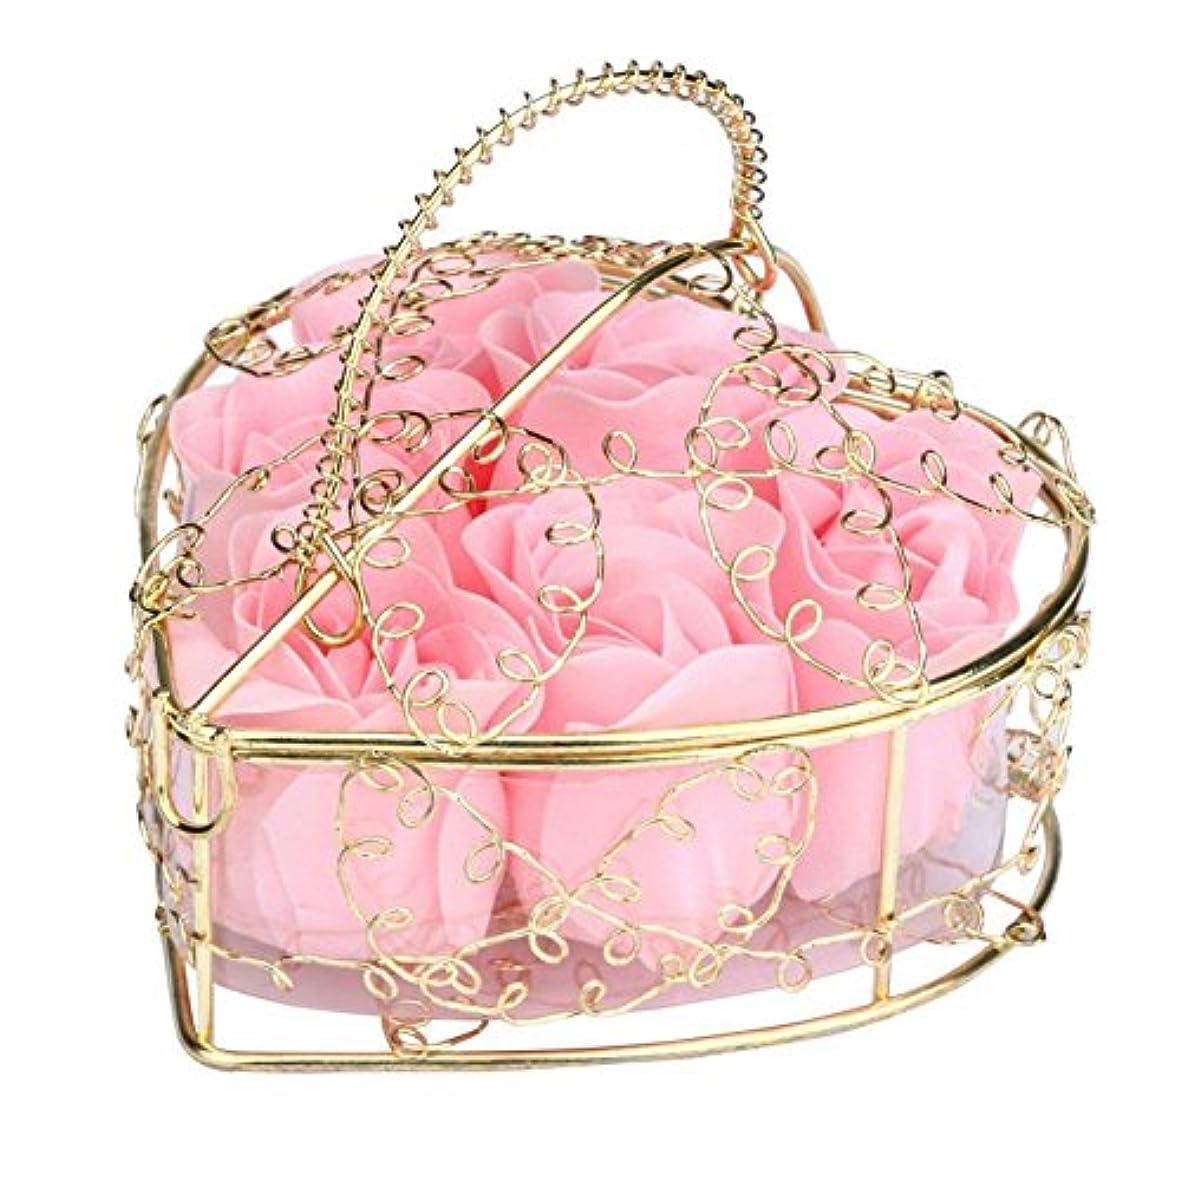 の熱帯の彫刻家SODIAL 6個の香り付きローズフラワー 花びらバス ボディソープ ウェディングパーティーギフト ホームDIYデコレーション(ピンク)